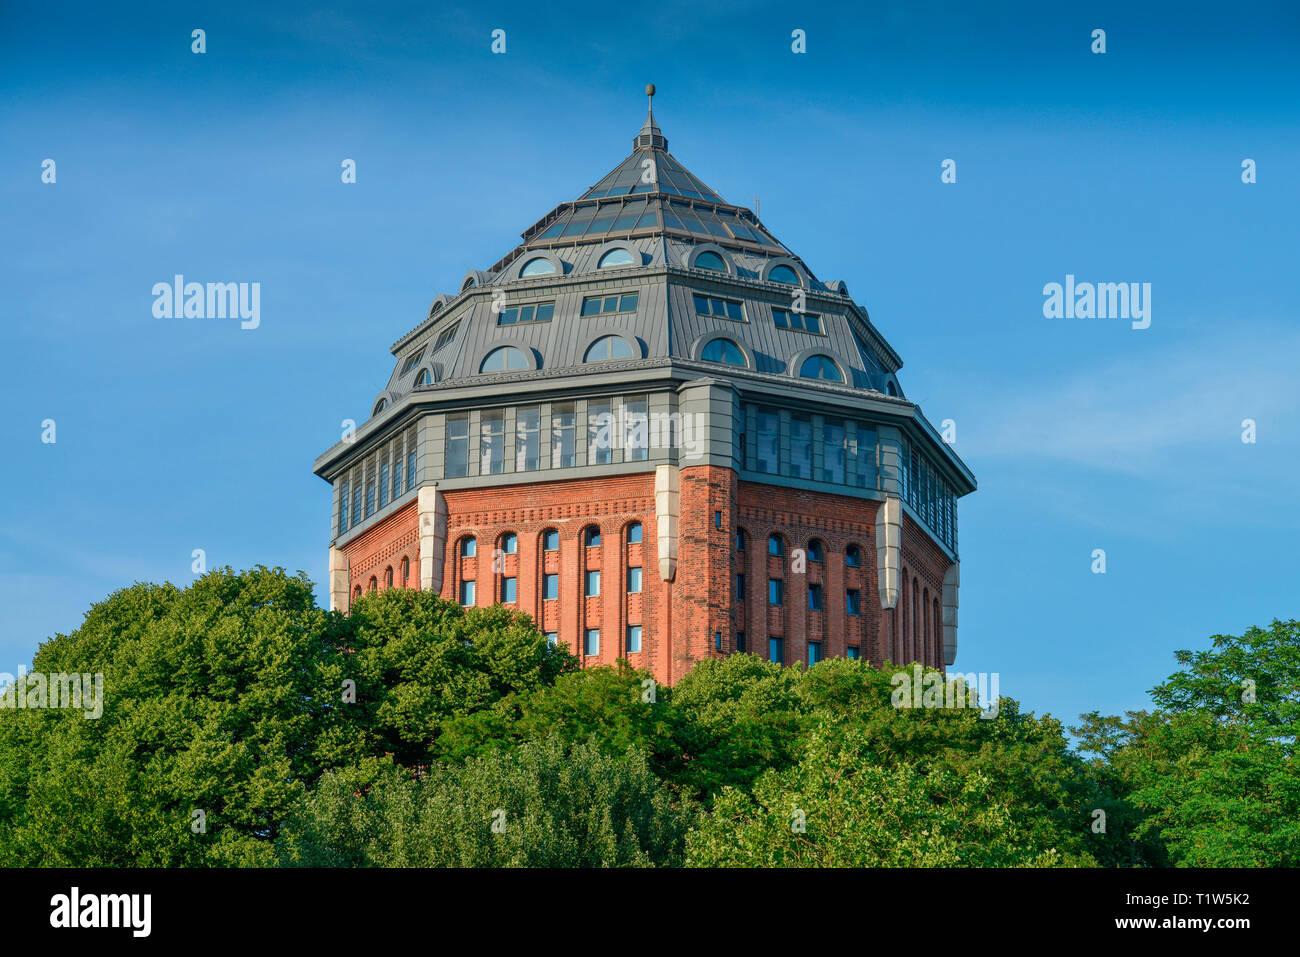 Schanzenturm, Sternschanze, Hamburg, Deutschland Stockfoto